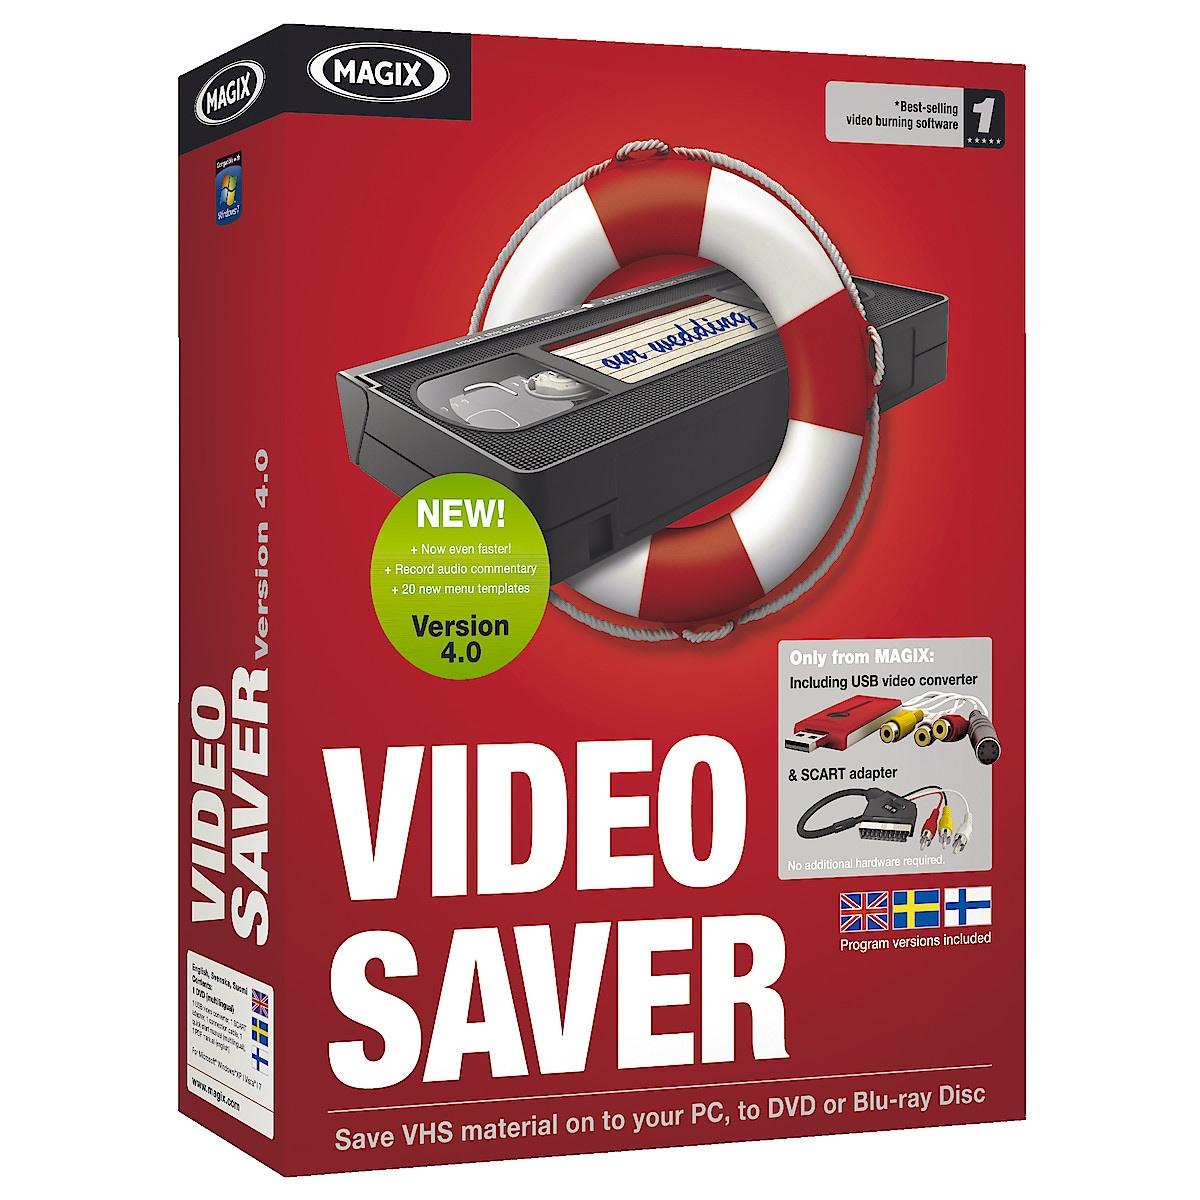 Magix Video Saver